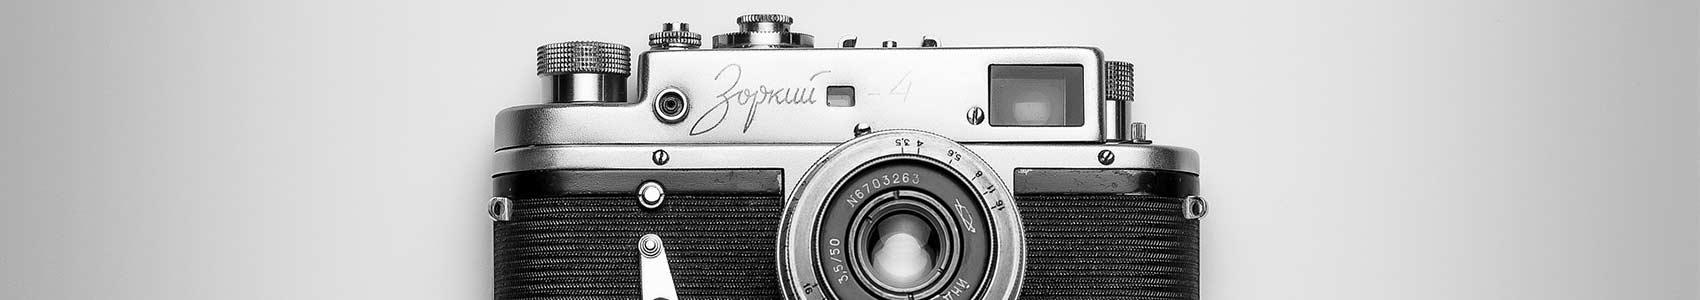 Appareil photo en noir et blanc - histoire de la photographie